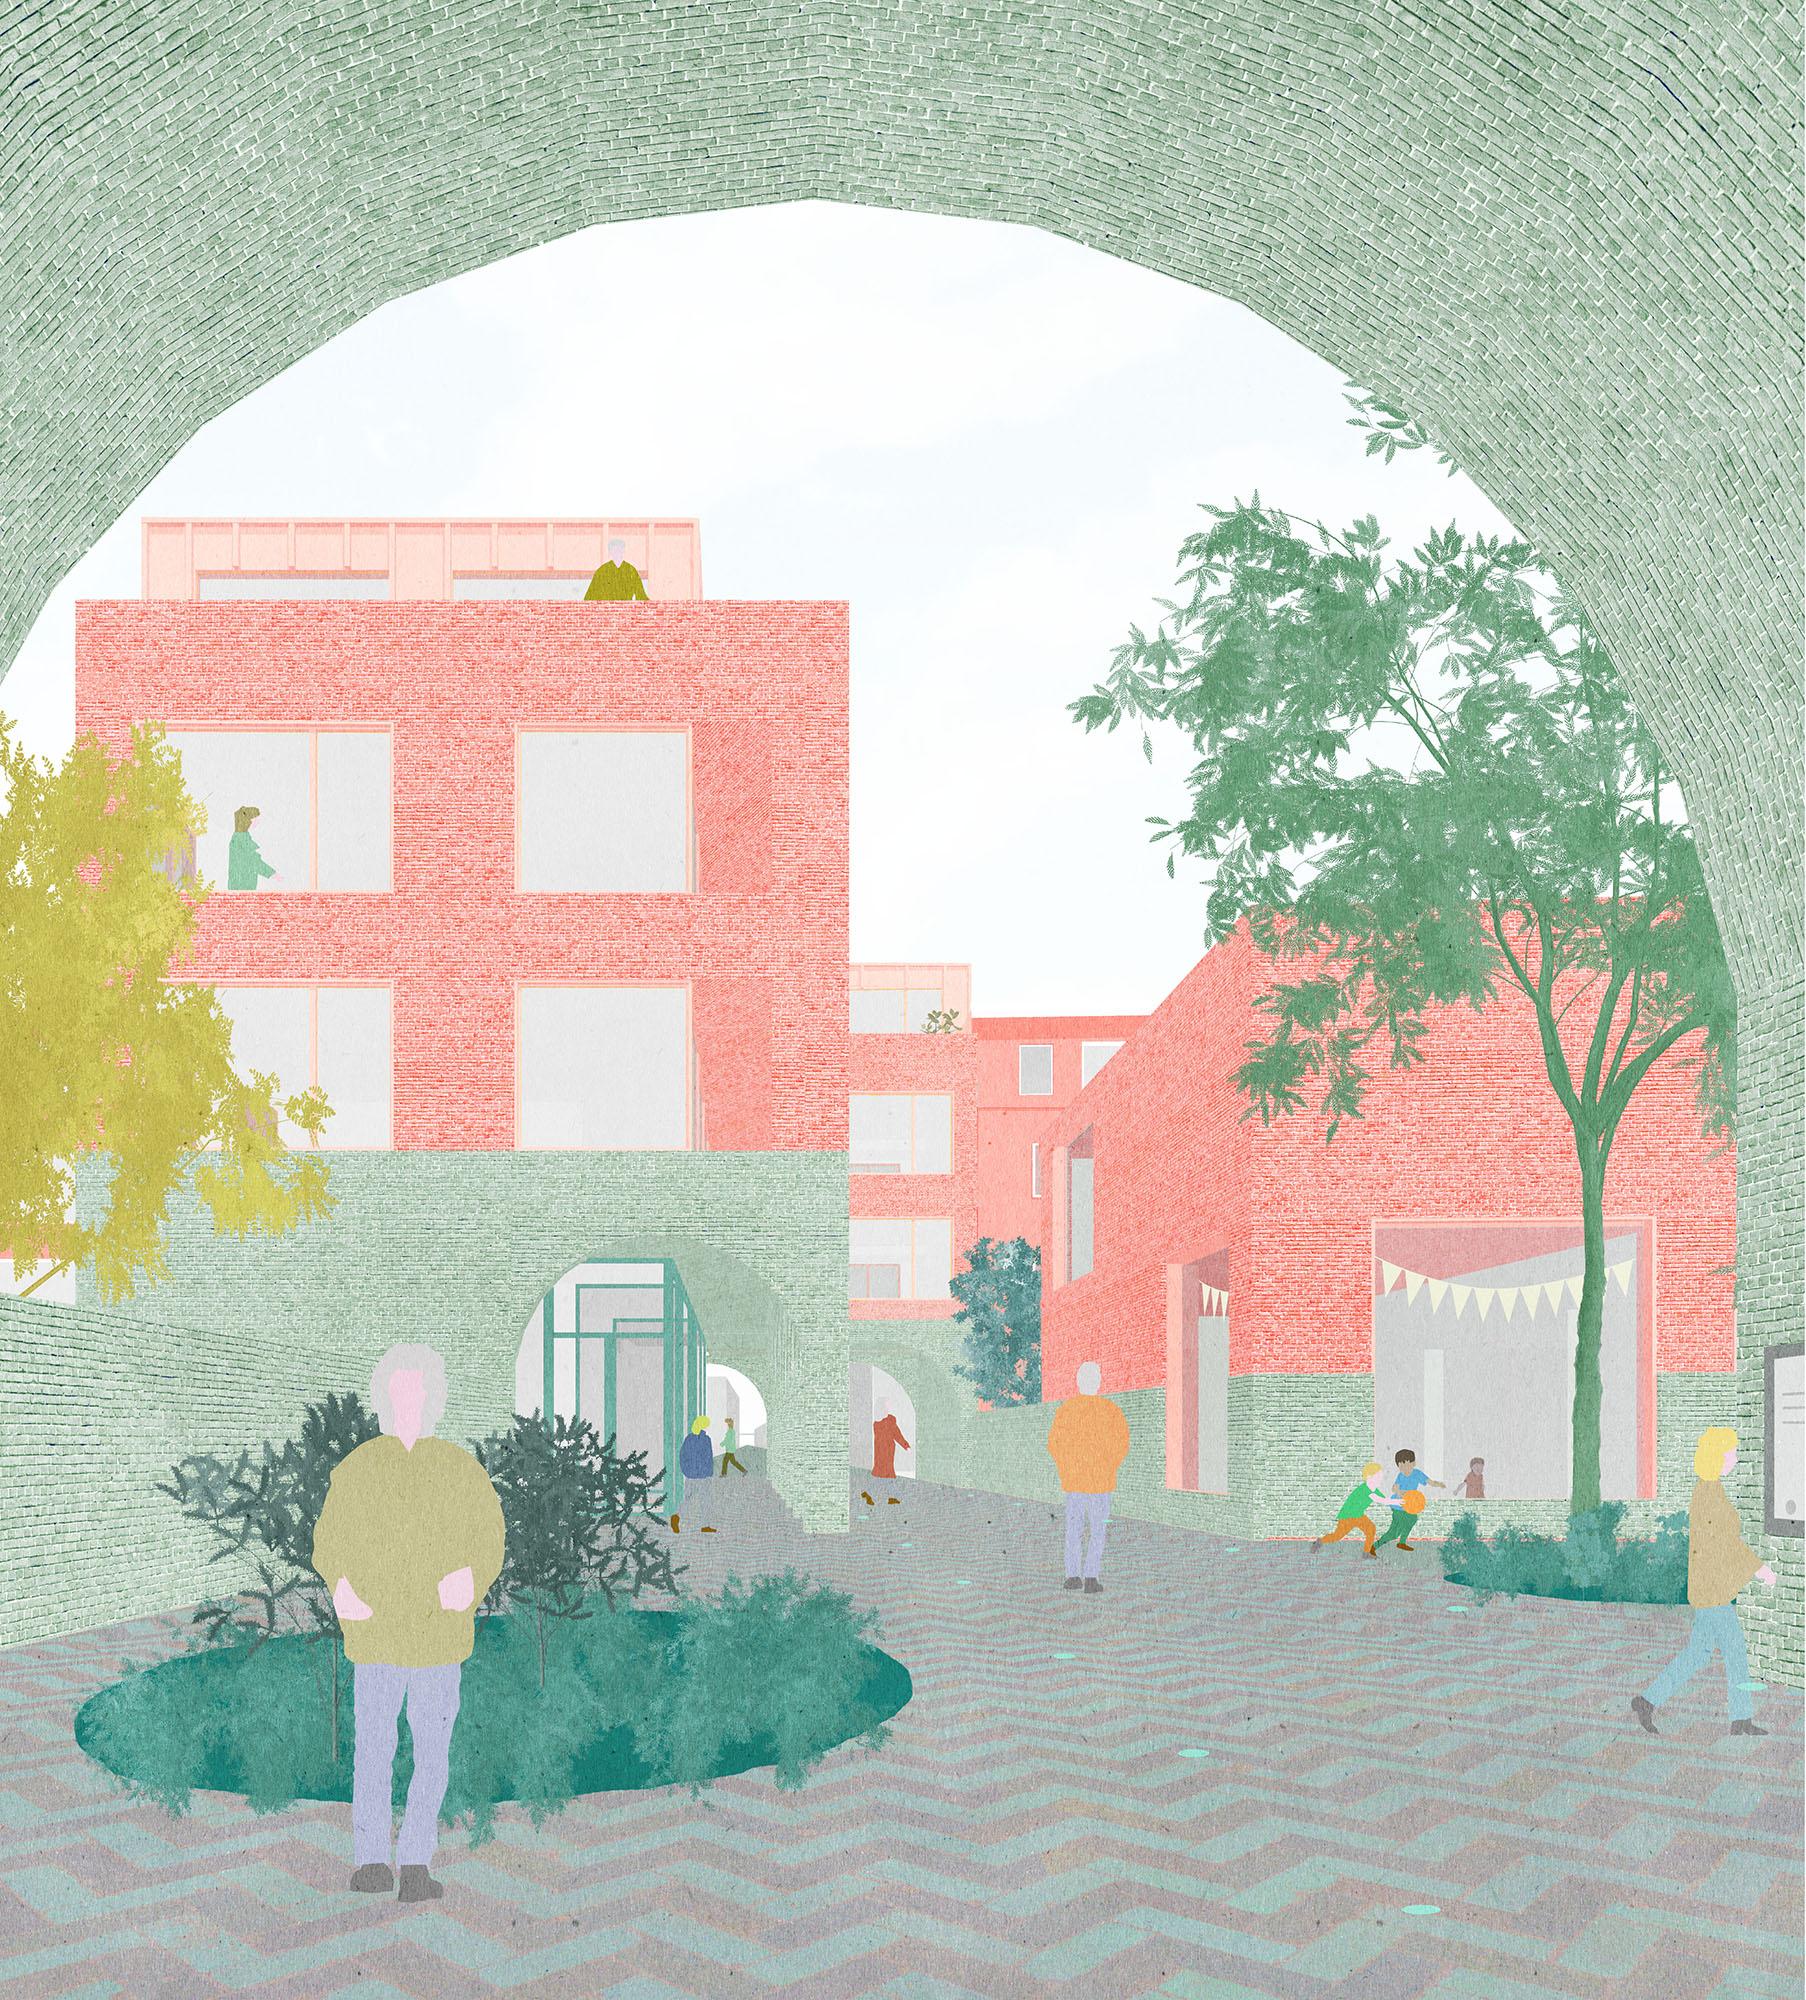 AATD_Dwarsstraat_Doorgang.jpg